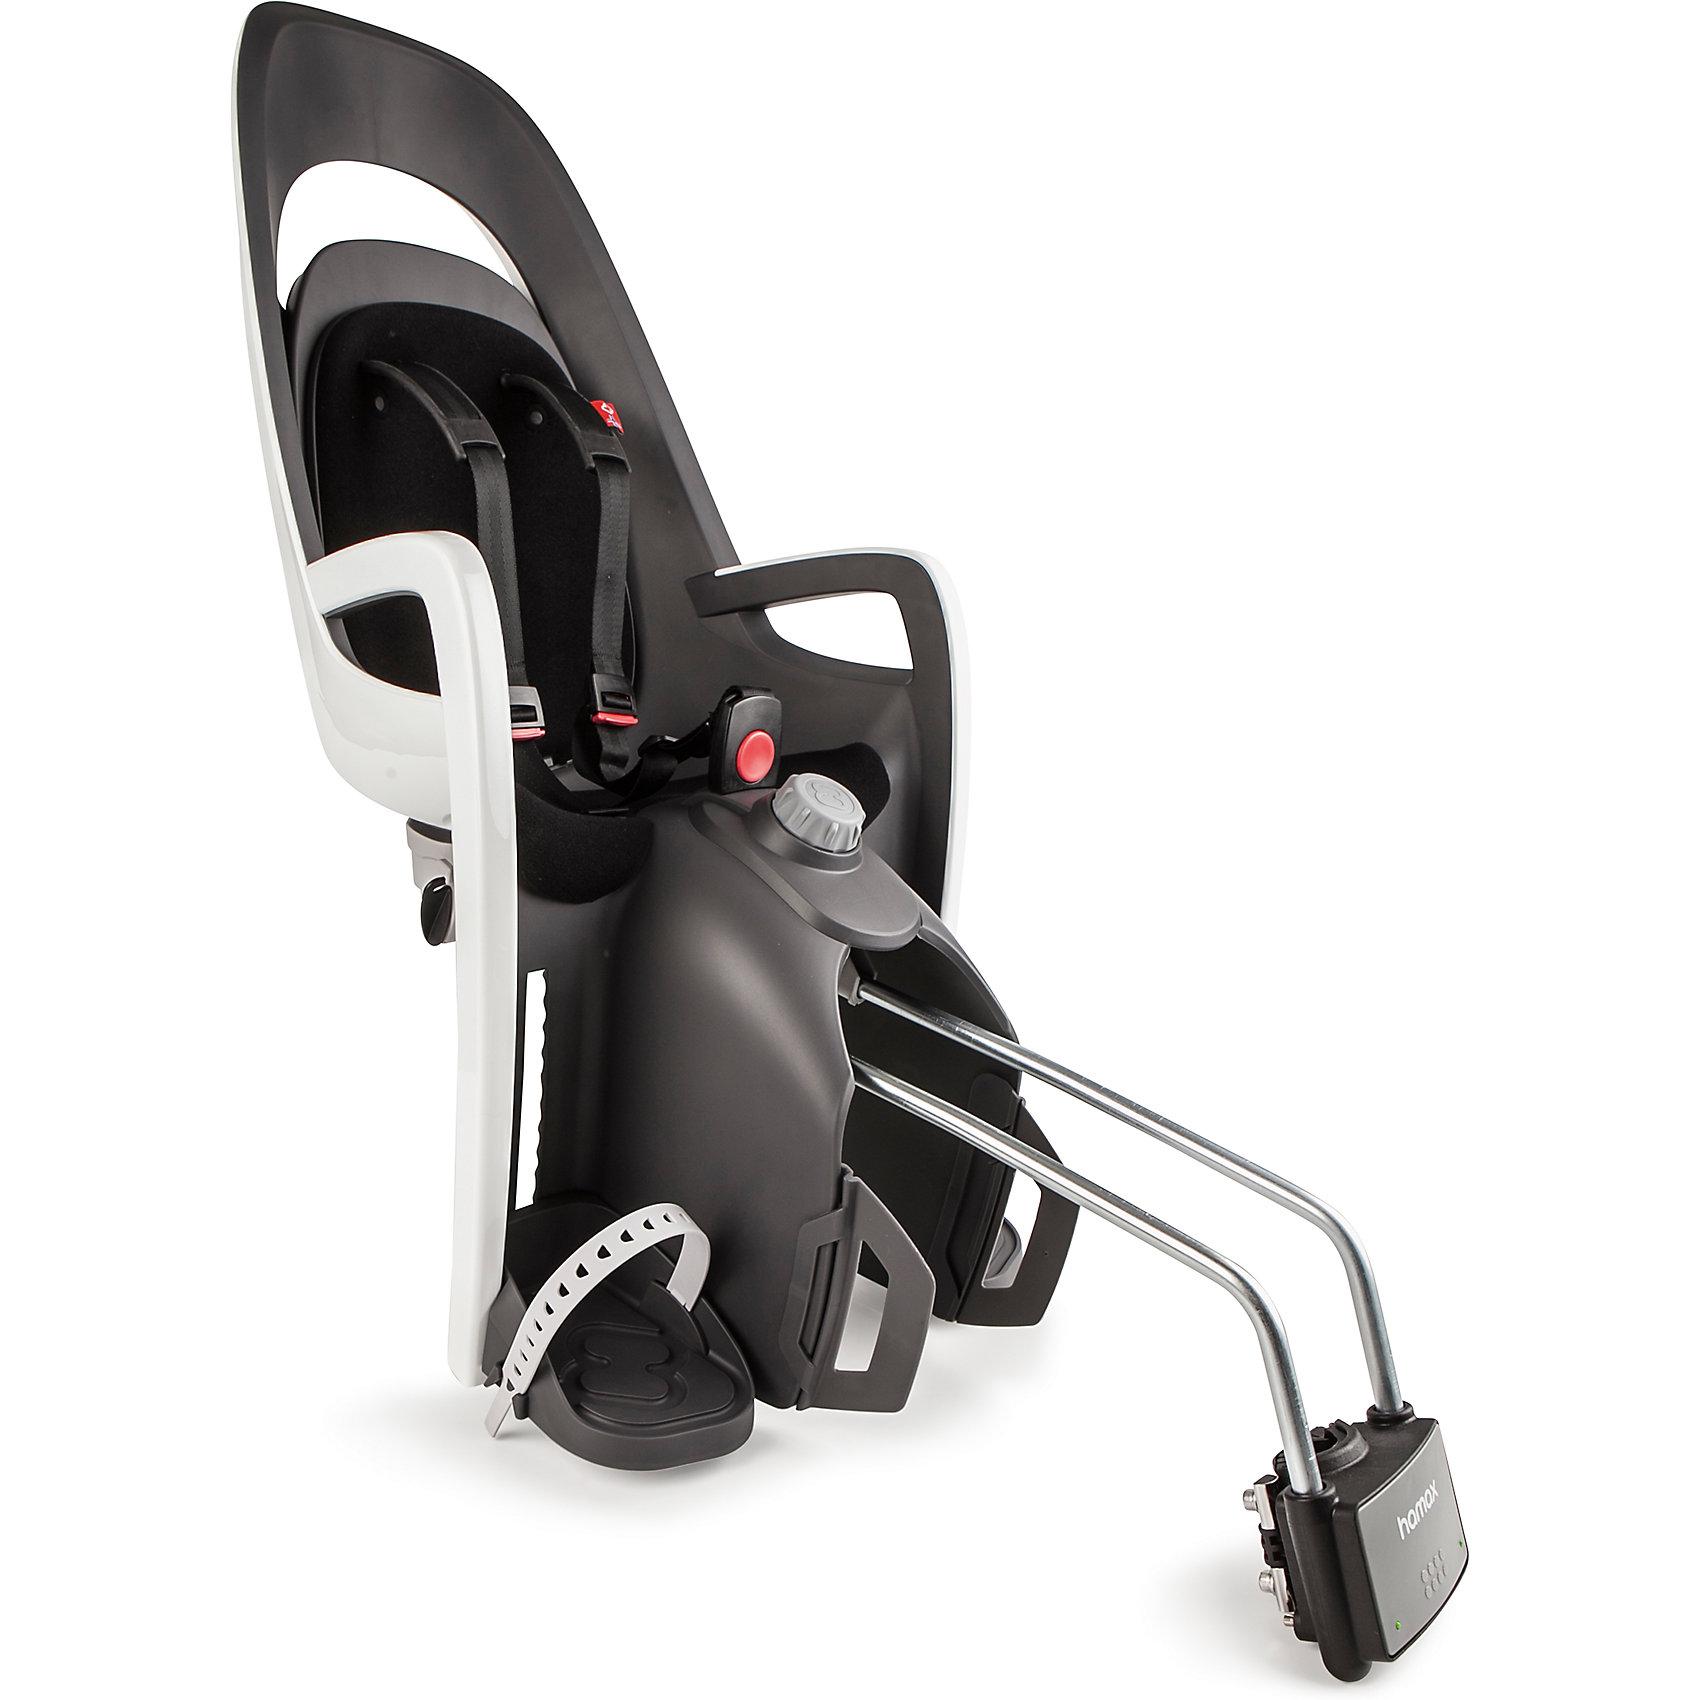 Детское велокресло Caress W/lockable Bracket, Hamax, серый/белый/черныйАксеcсуары для велосипедов<br>Характеристики товара:<br><br>• цвет: серый, белый, черный<br>• спинка настраивается по высоте <br>• наклон изменяется в положение сон на 20? <br>• мягкая внутренняя обивка <br>• новая система подножек регулируется одной рукой <br>• новая система ремней безопасности с плечевыми подушечками <br>для облегчения подгонки и большего комфорта <br>• задние светоотражатели для большей безопасности на дорогах <br>• возможность монтажа на велосипед у которого нет багажника <br>• максимальная нагрузка 22 кг. Перевозка детей младше 9 месяцев не рекомендуется. <br>• надёжность и простота подгонки <br>• запирающийся крепёжный кронштейн <br>• страна бренда: Польша<br>• размер: 38,1 x 95 x 29,6 см. <br>• вес: 4,6 кг.<br><br>В модели Caress всё по высшему разряду, и внешний вид, и уровень комфорта. <br><br>Элегантные и современные линии, двусторонний и двухцветный каркас, внутренняя обивка - все эти элементы придают дизайну сиденья особую завершённость.<br><br>Детское велокресло Caress W/lockable Bracket, Hamax, серый/белый/черный можно купить в нашем интернет-магазине.<br><br>Ширина мм: 365<br>Глубина мм: 940<br>Высота мм: 280<br>Вес г: 5000<br>Возраст от месяцев: 9<br>Возраст до месяцев: 48<br>Пол: Унисекс<br>Возраст: Детский<br>SKU: 5582621